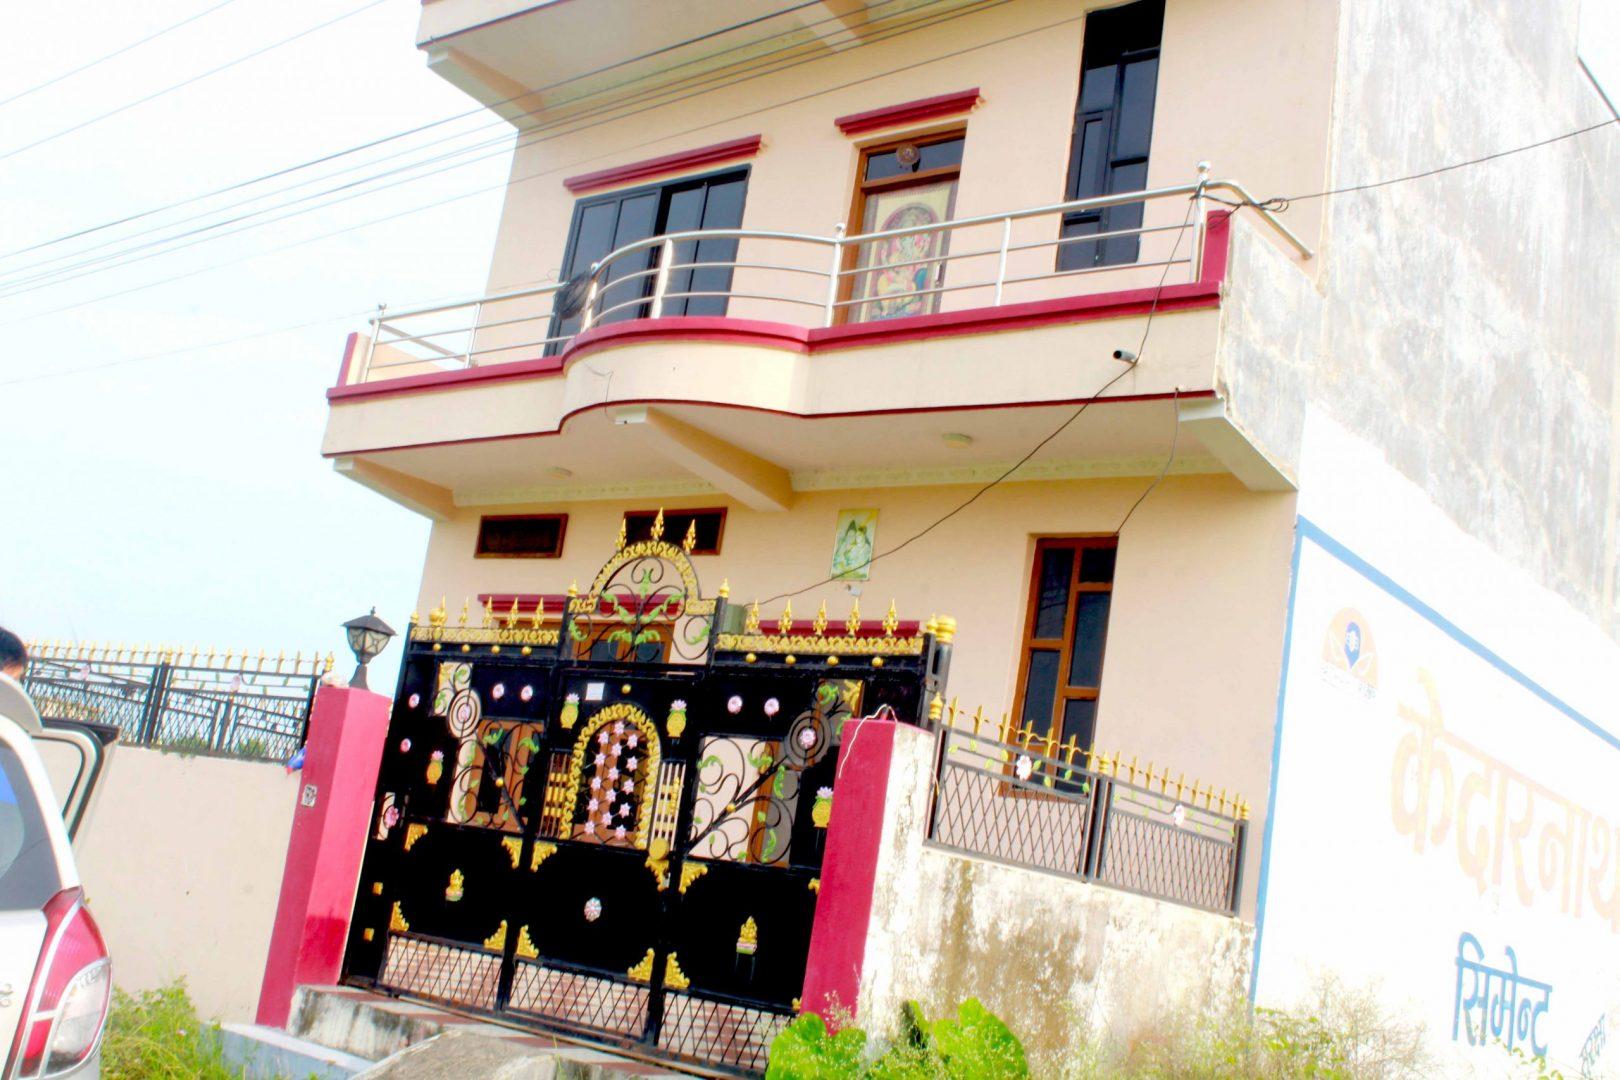 House for sale in Nayamil, Tilottama, Rupandehi